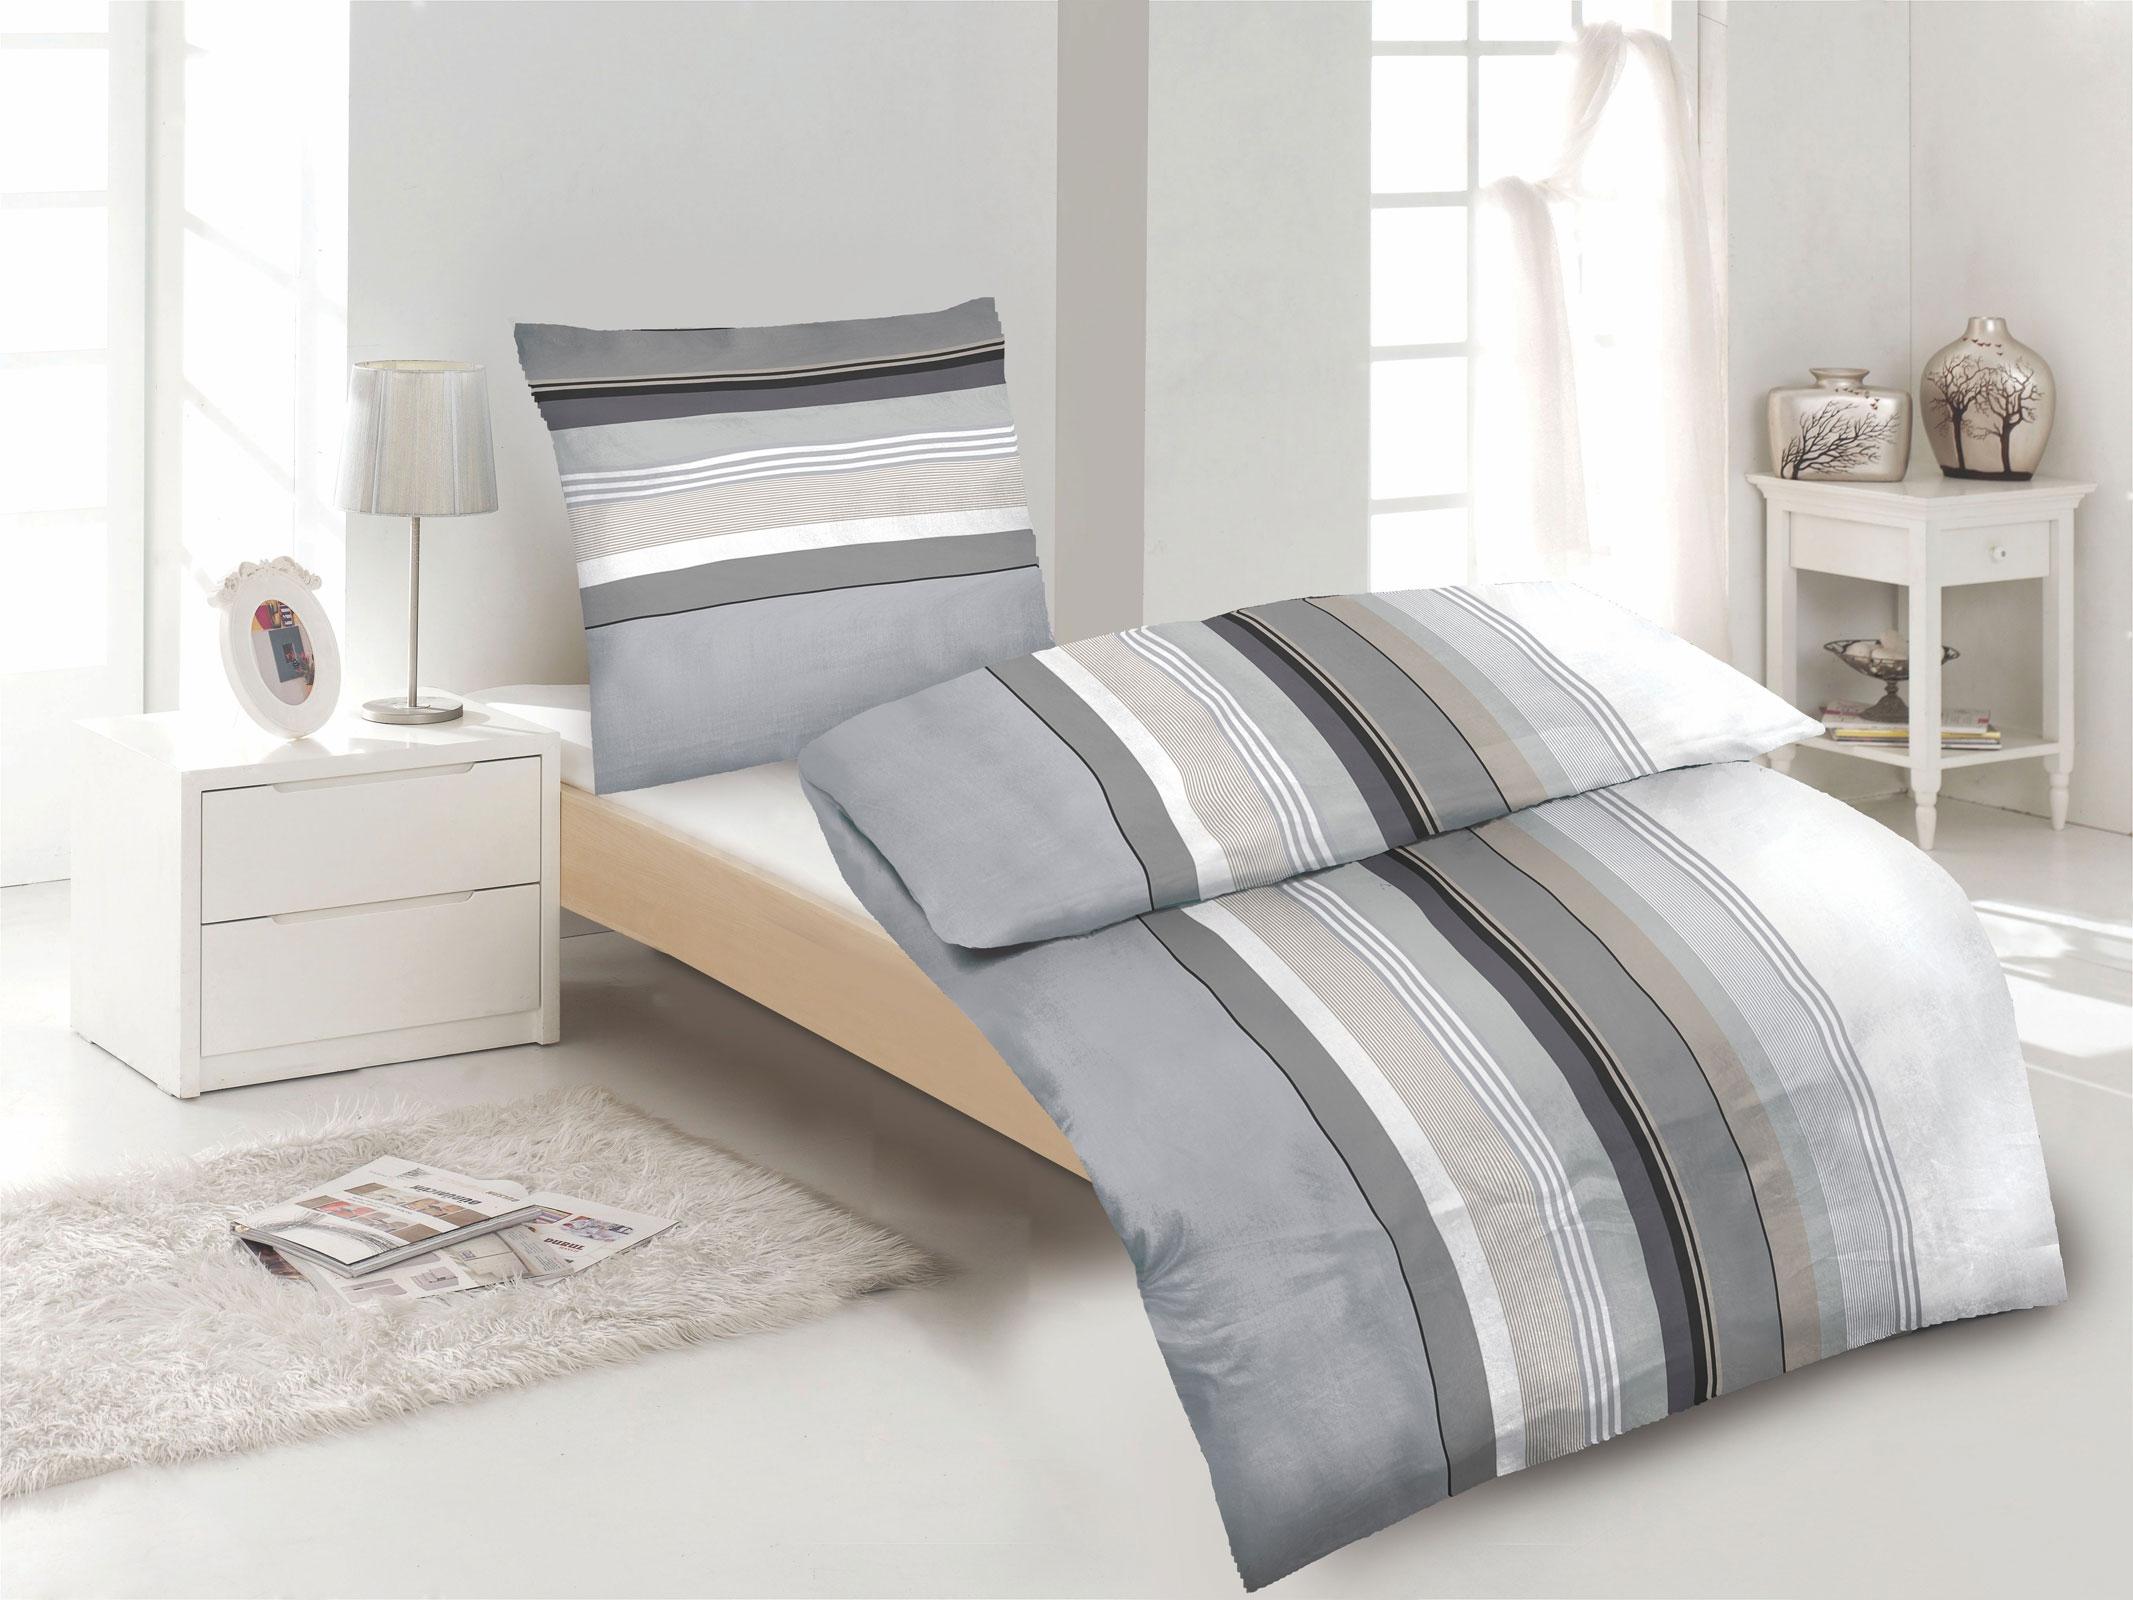 biber winter bettw sche 100 baumwolle rei verschluss incl aufbewahrungsbeutel ebay. Black Bedroom Furniture Sets. Home Design Ideas